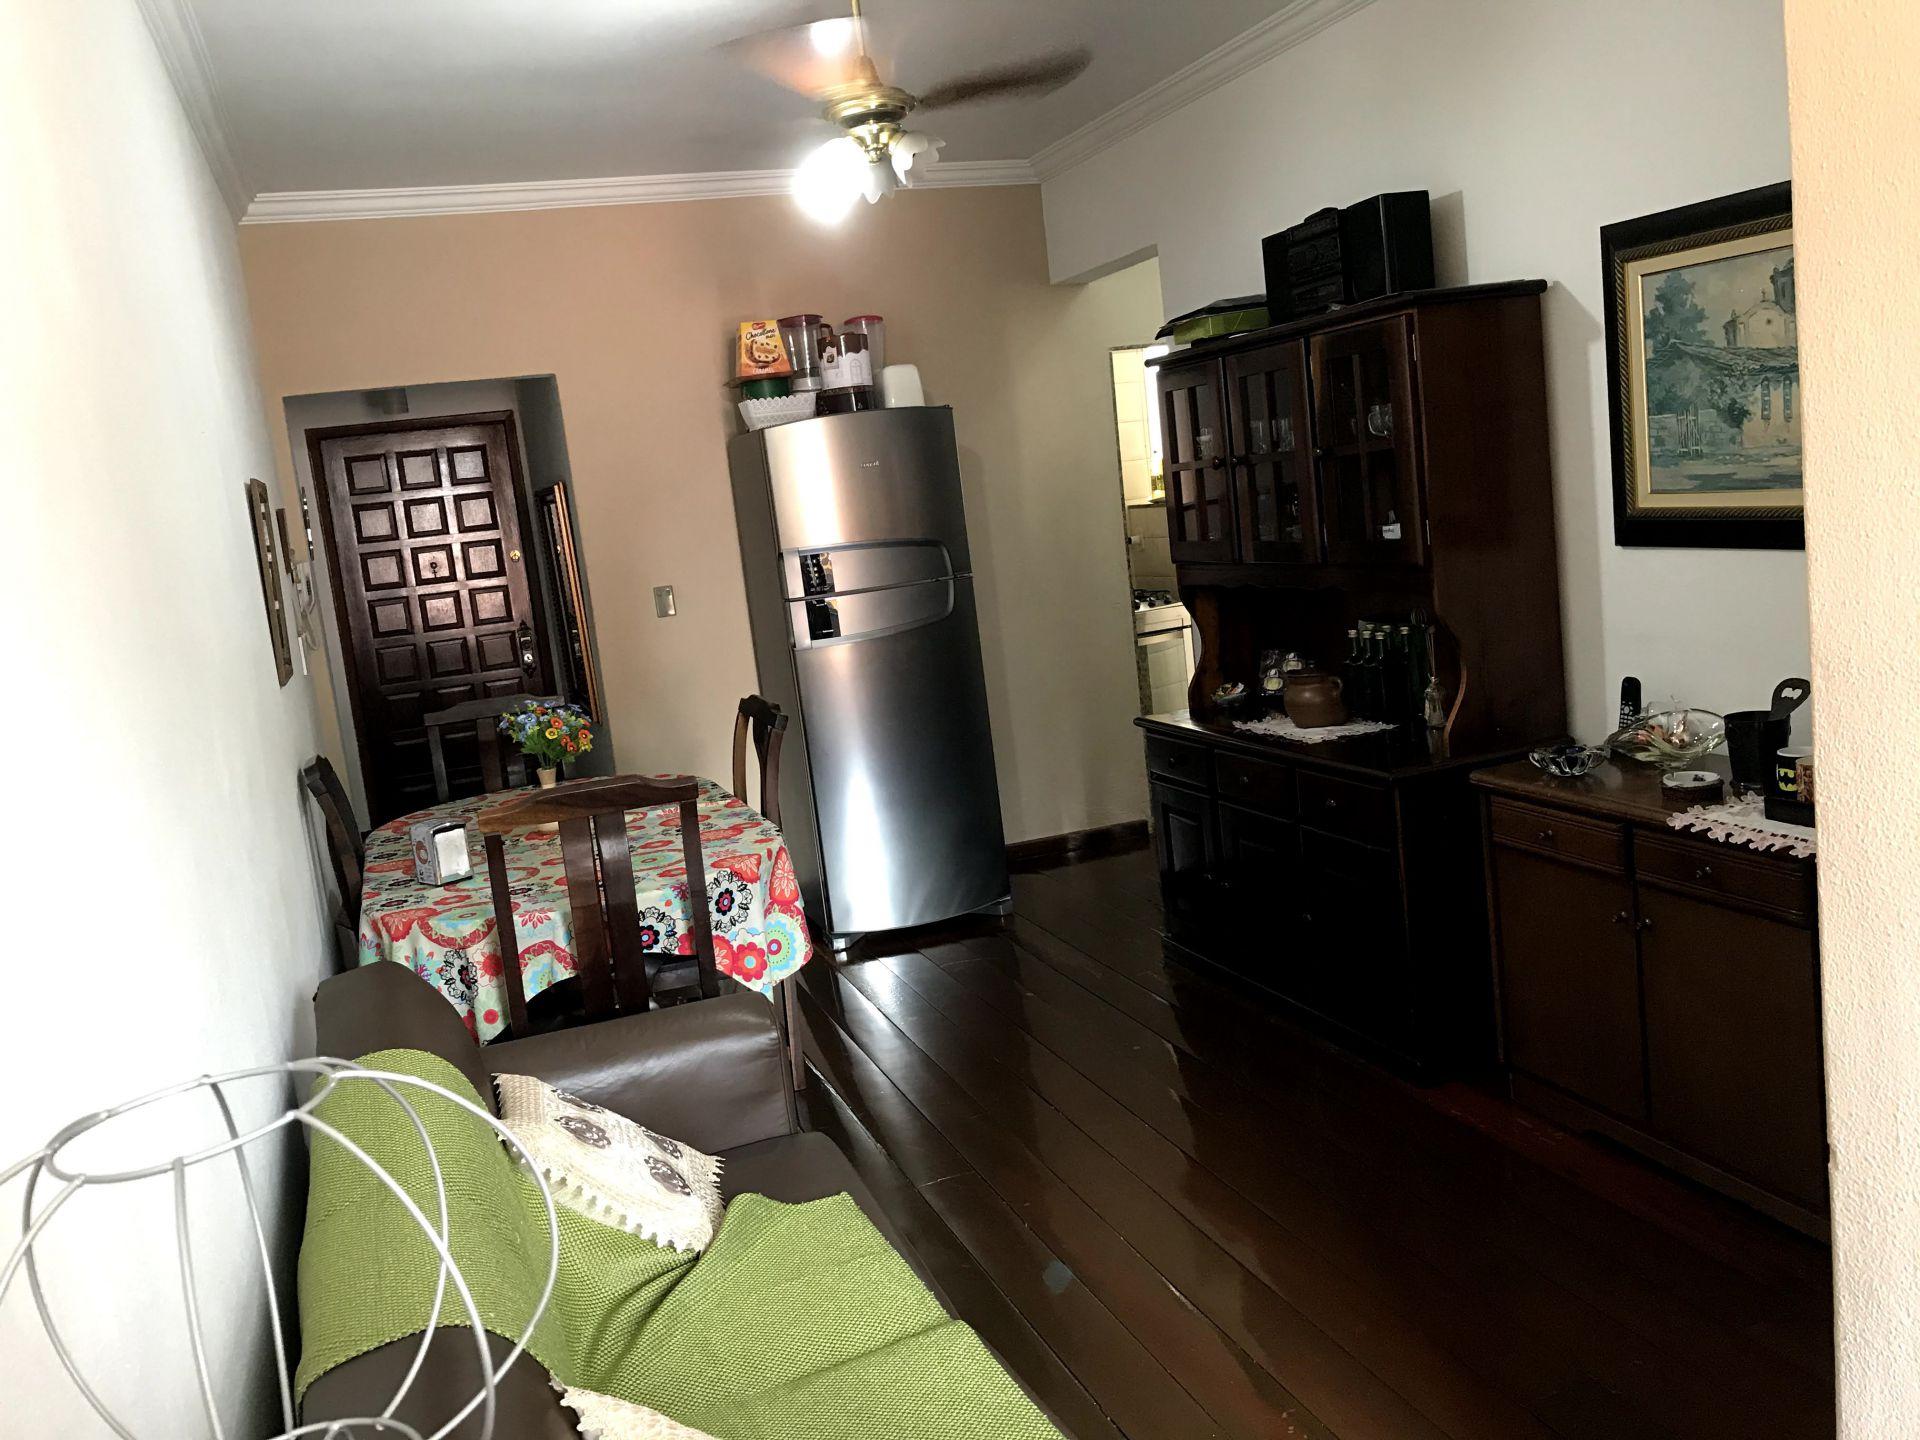 FOTO 2 - Apartamento à venda Avenida Marechal Fontenele,Jardim Sulacap, Rio de Janeiro - R$ 225.000 - RF168 - 3